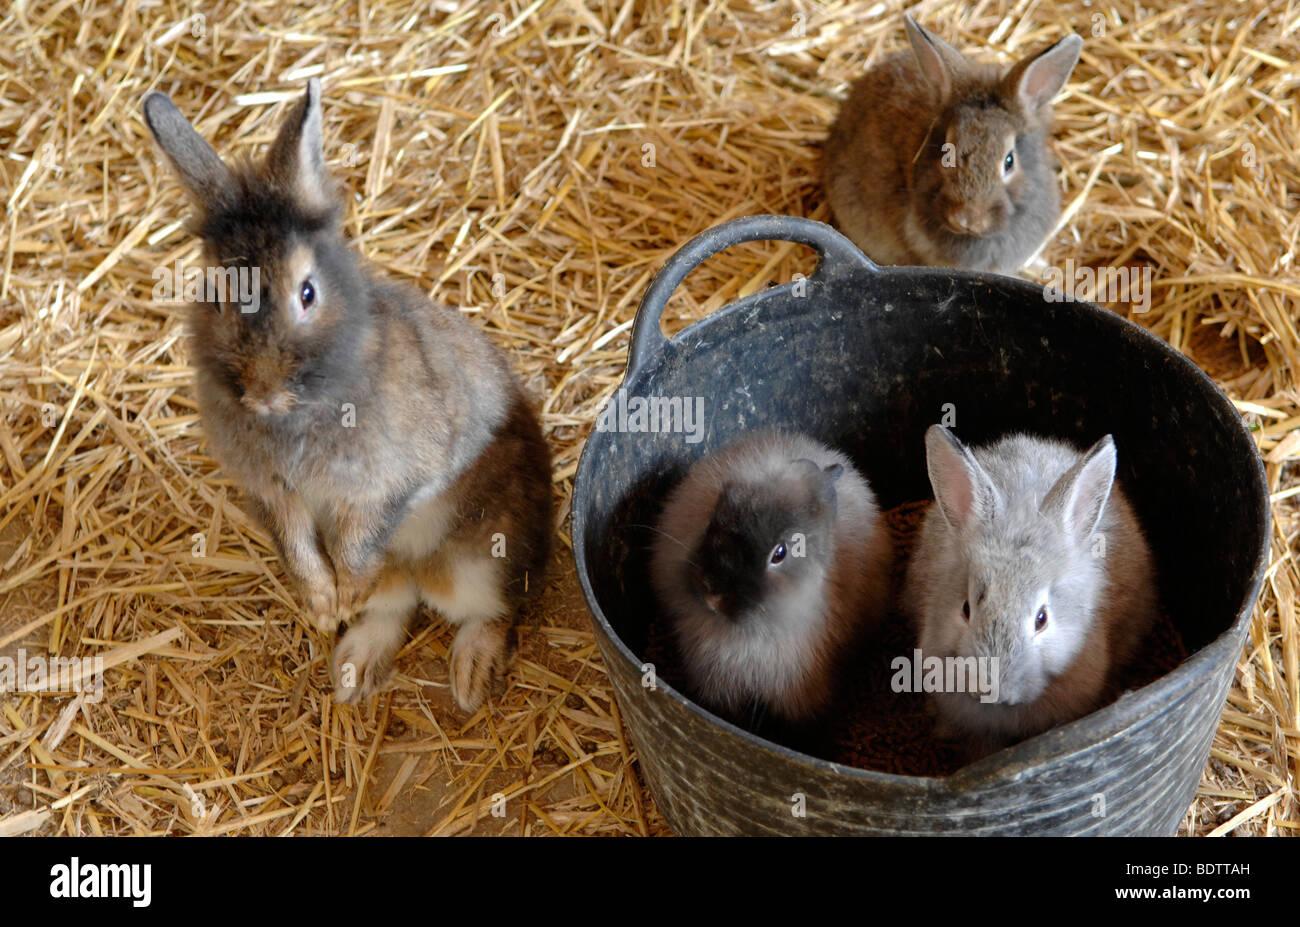 Kaninchen im Eimer Stockbild